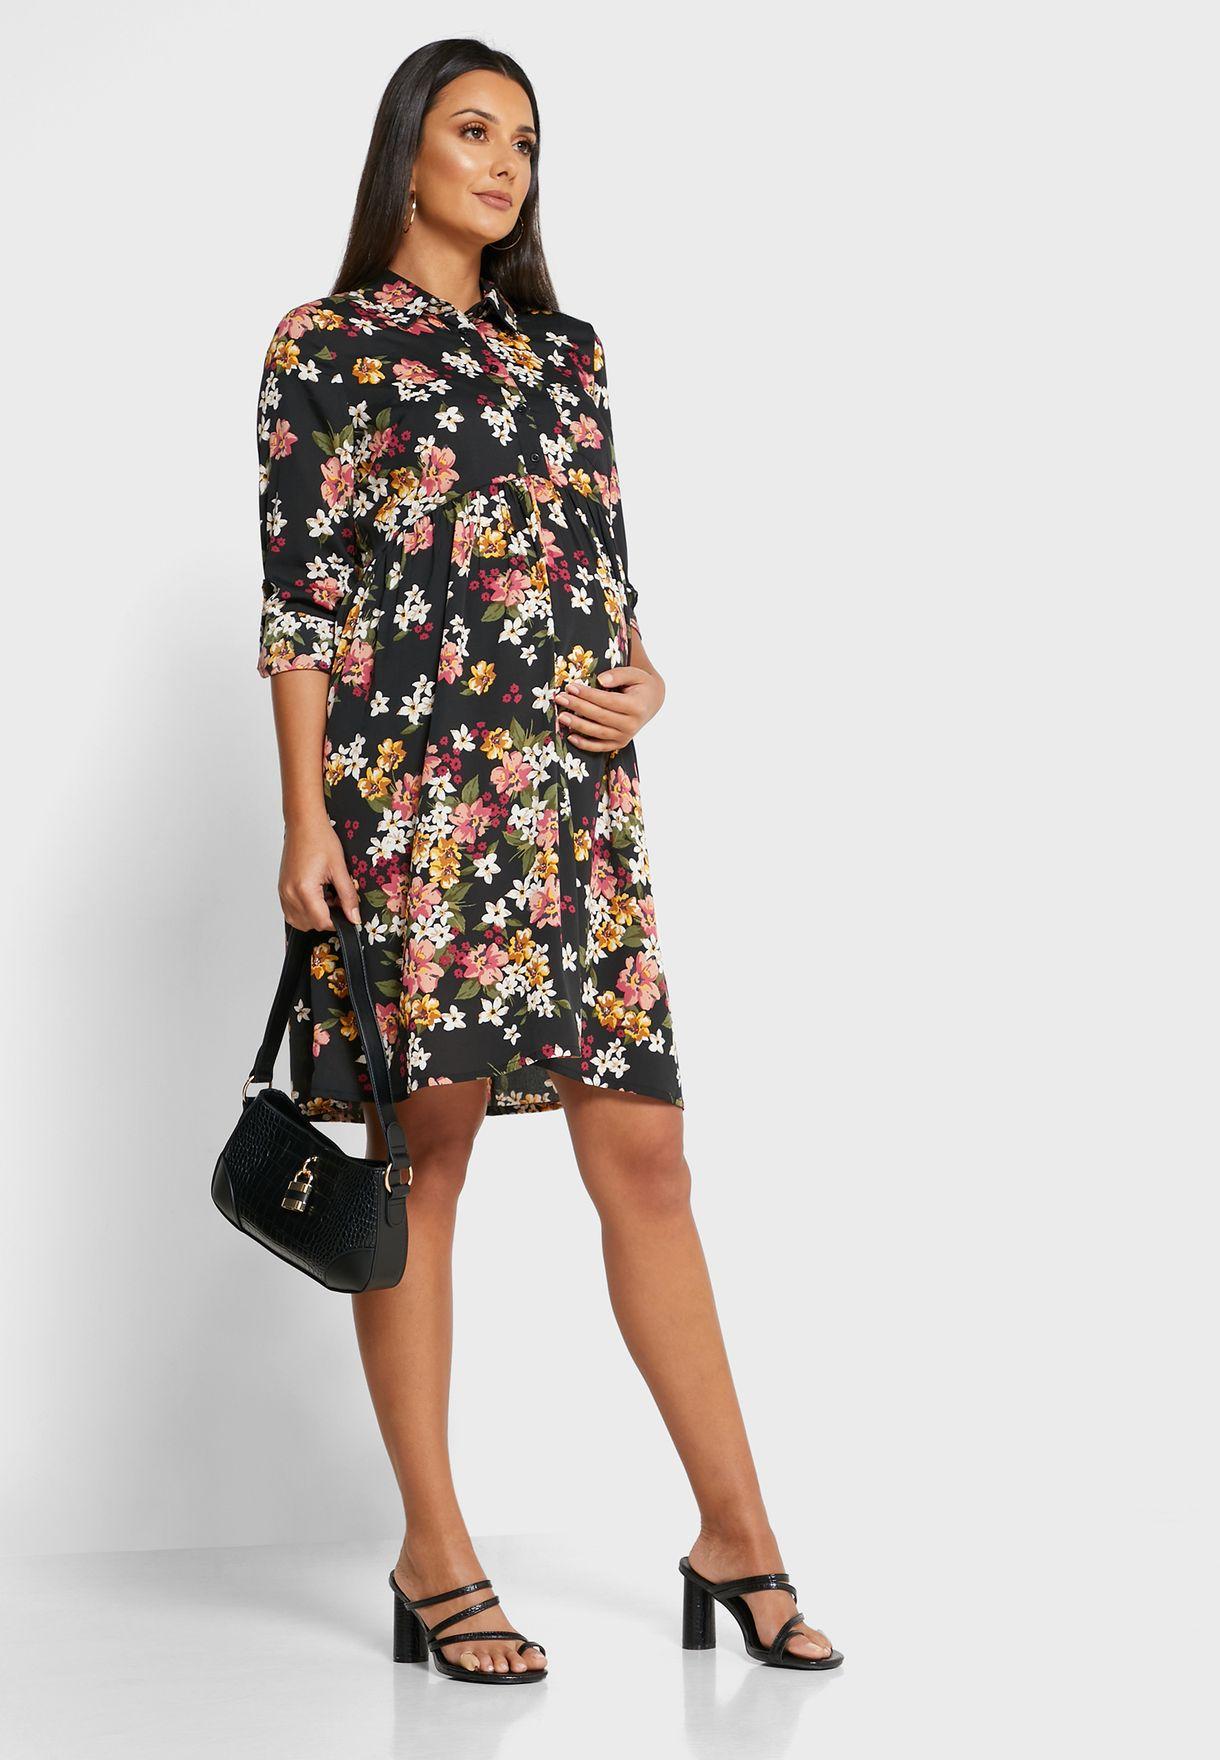 فستان مزين بطبعات ازهار